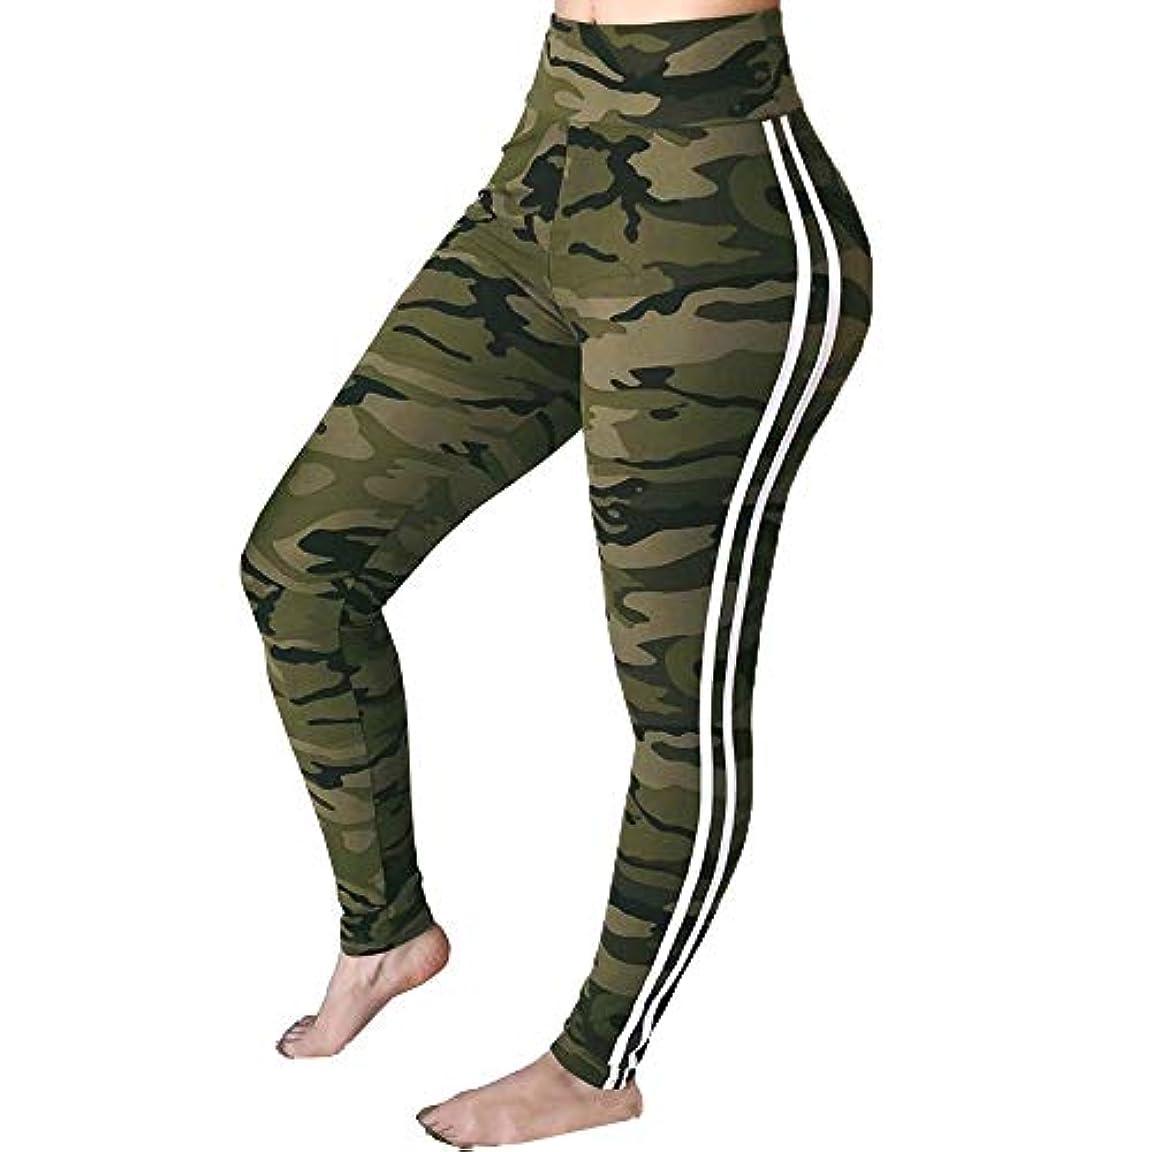 ホットベギン週末MIFAN 女性パンツ、ロングパンツ、ハイウエストパンツ、スポーツパンツ、スキニーパンツ、ヨガパンツ、